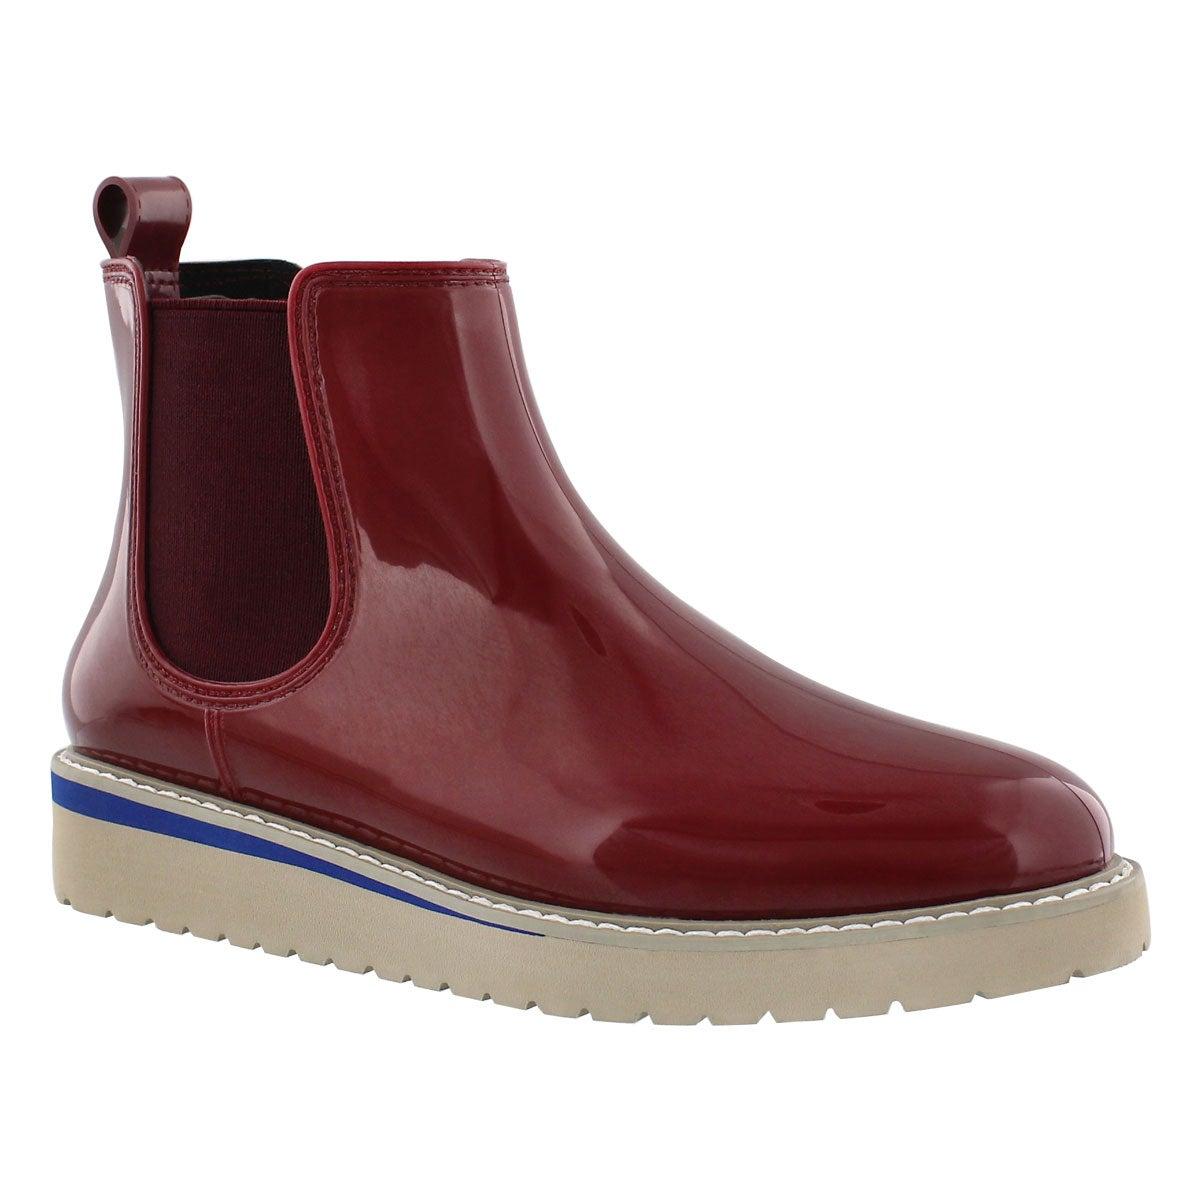 Lds Kensington port wtpf chelsea boot